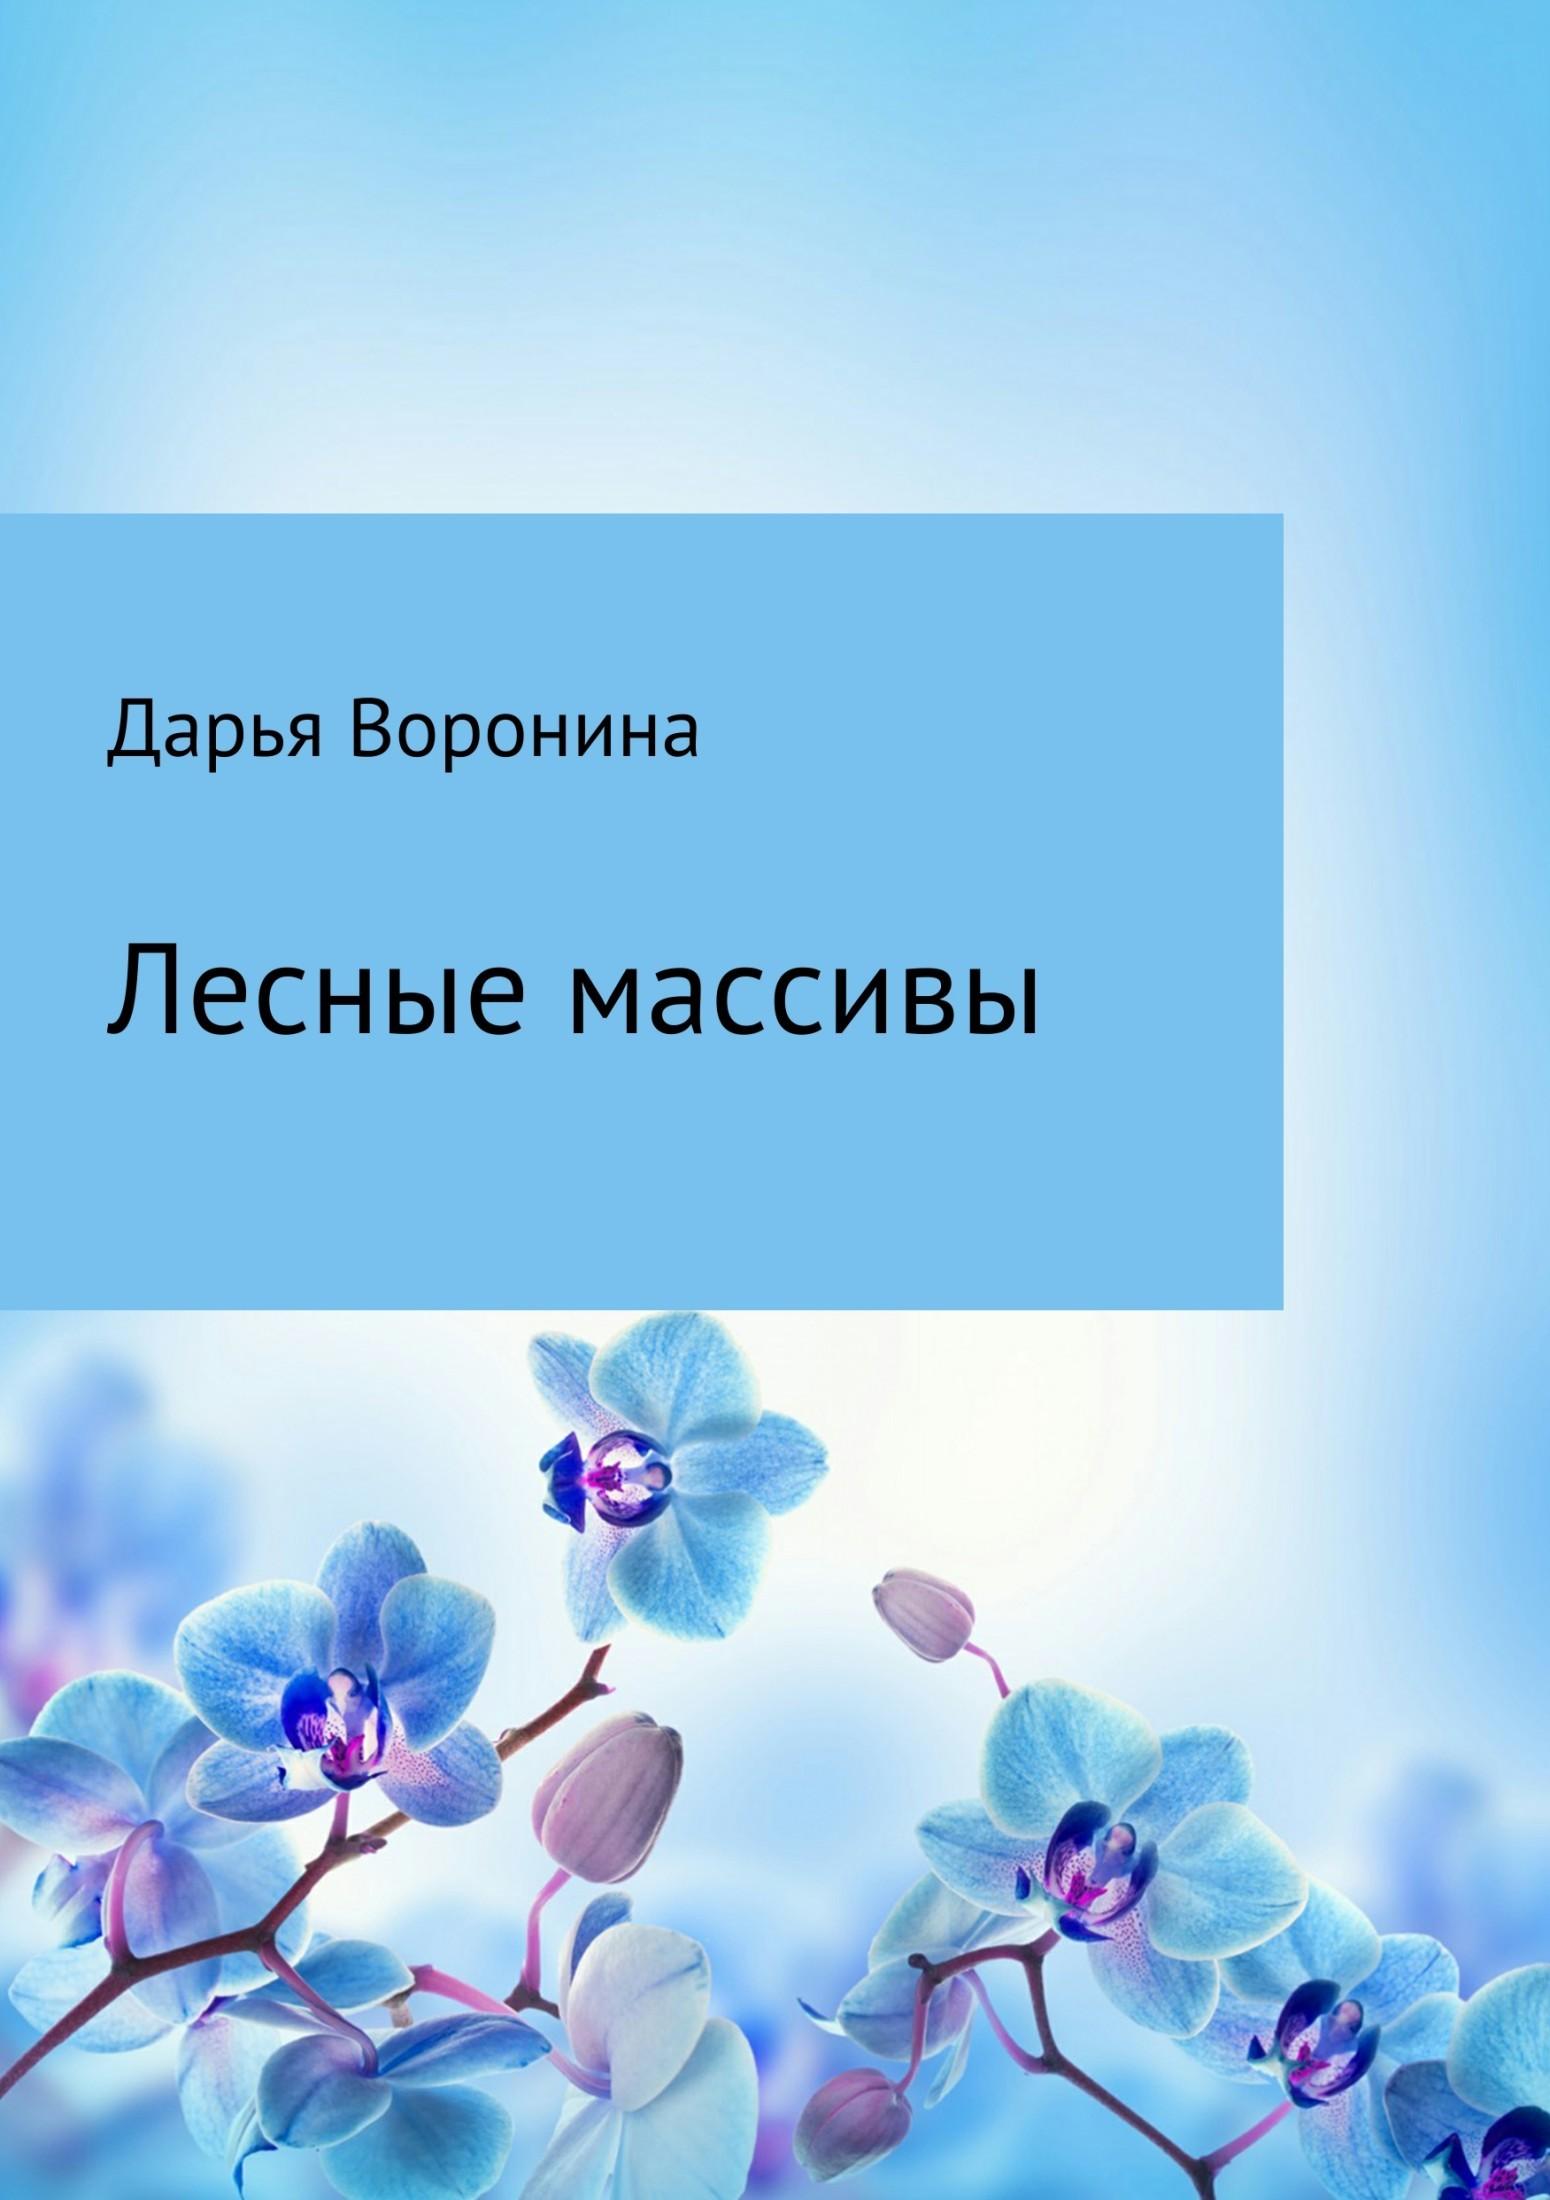 Дарья Александровна Воронина. Лесные массивы